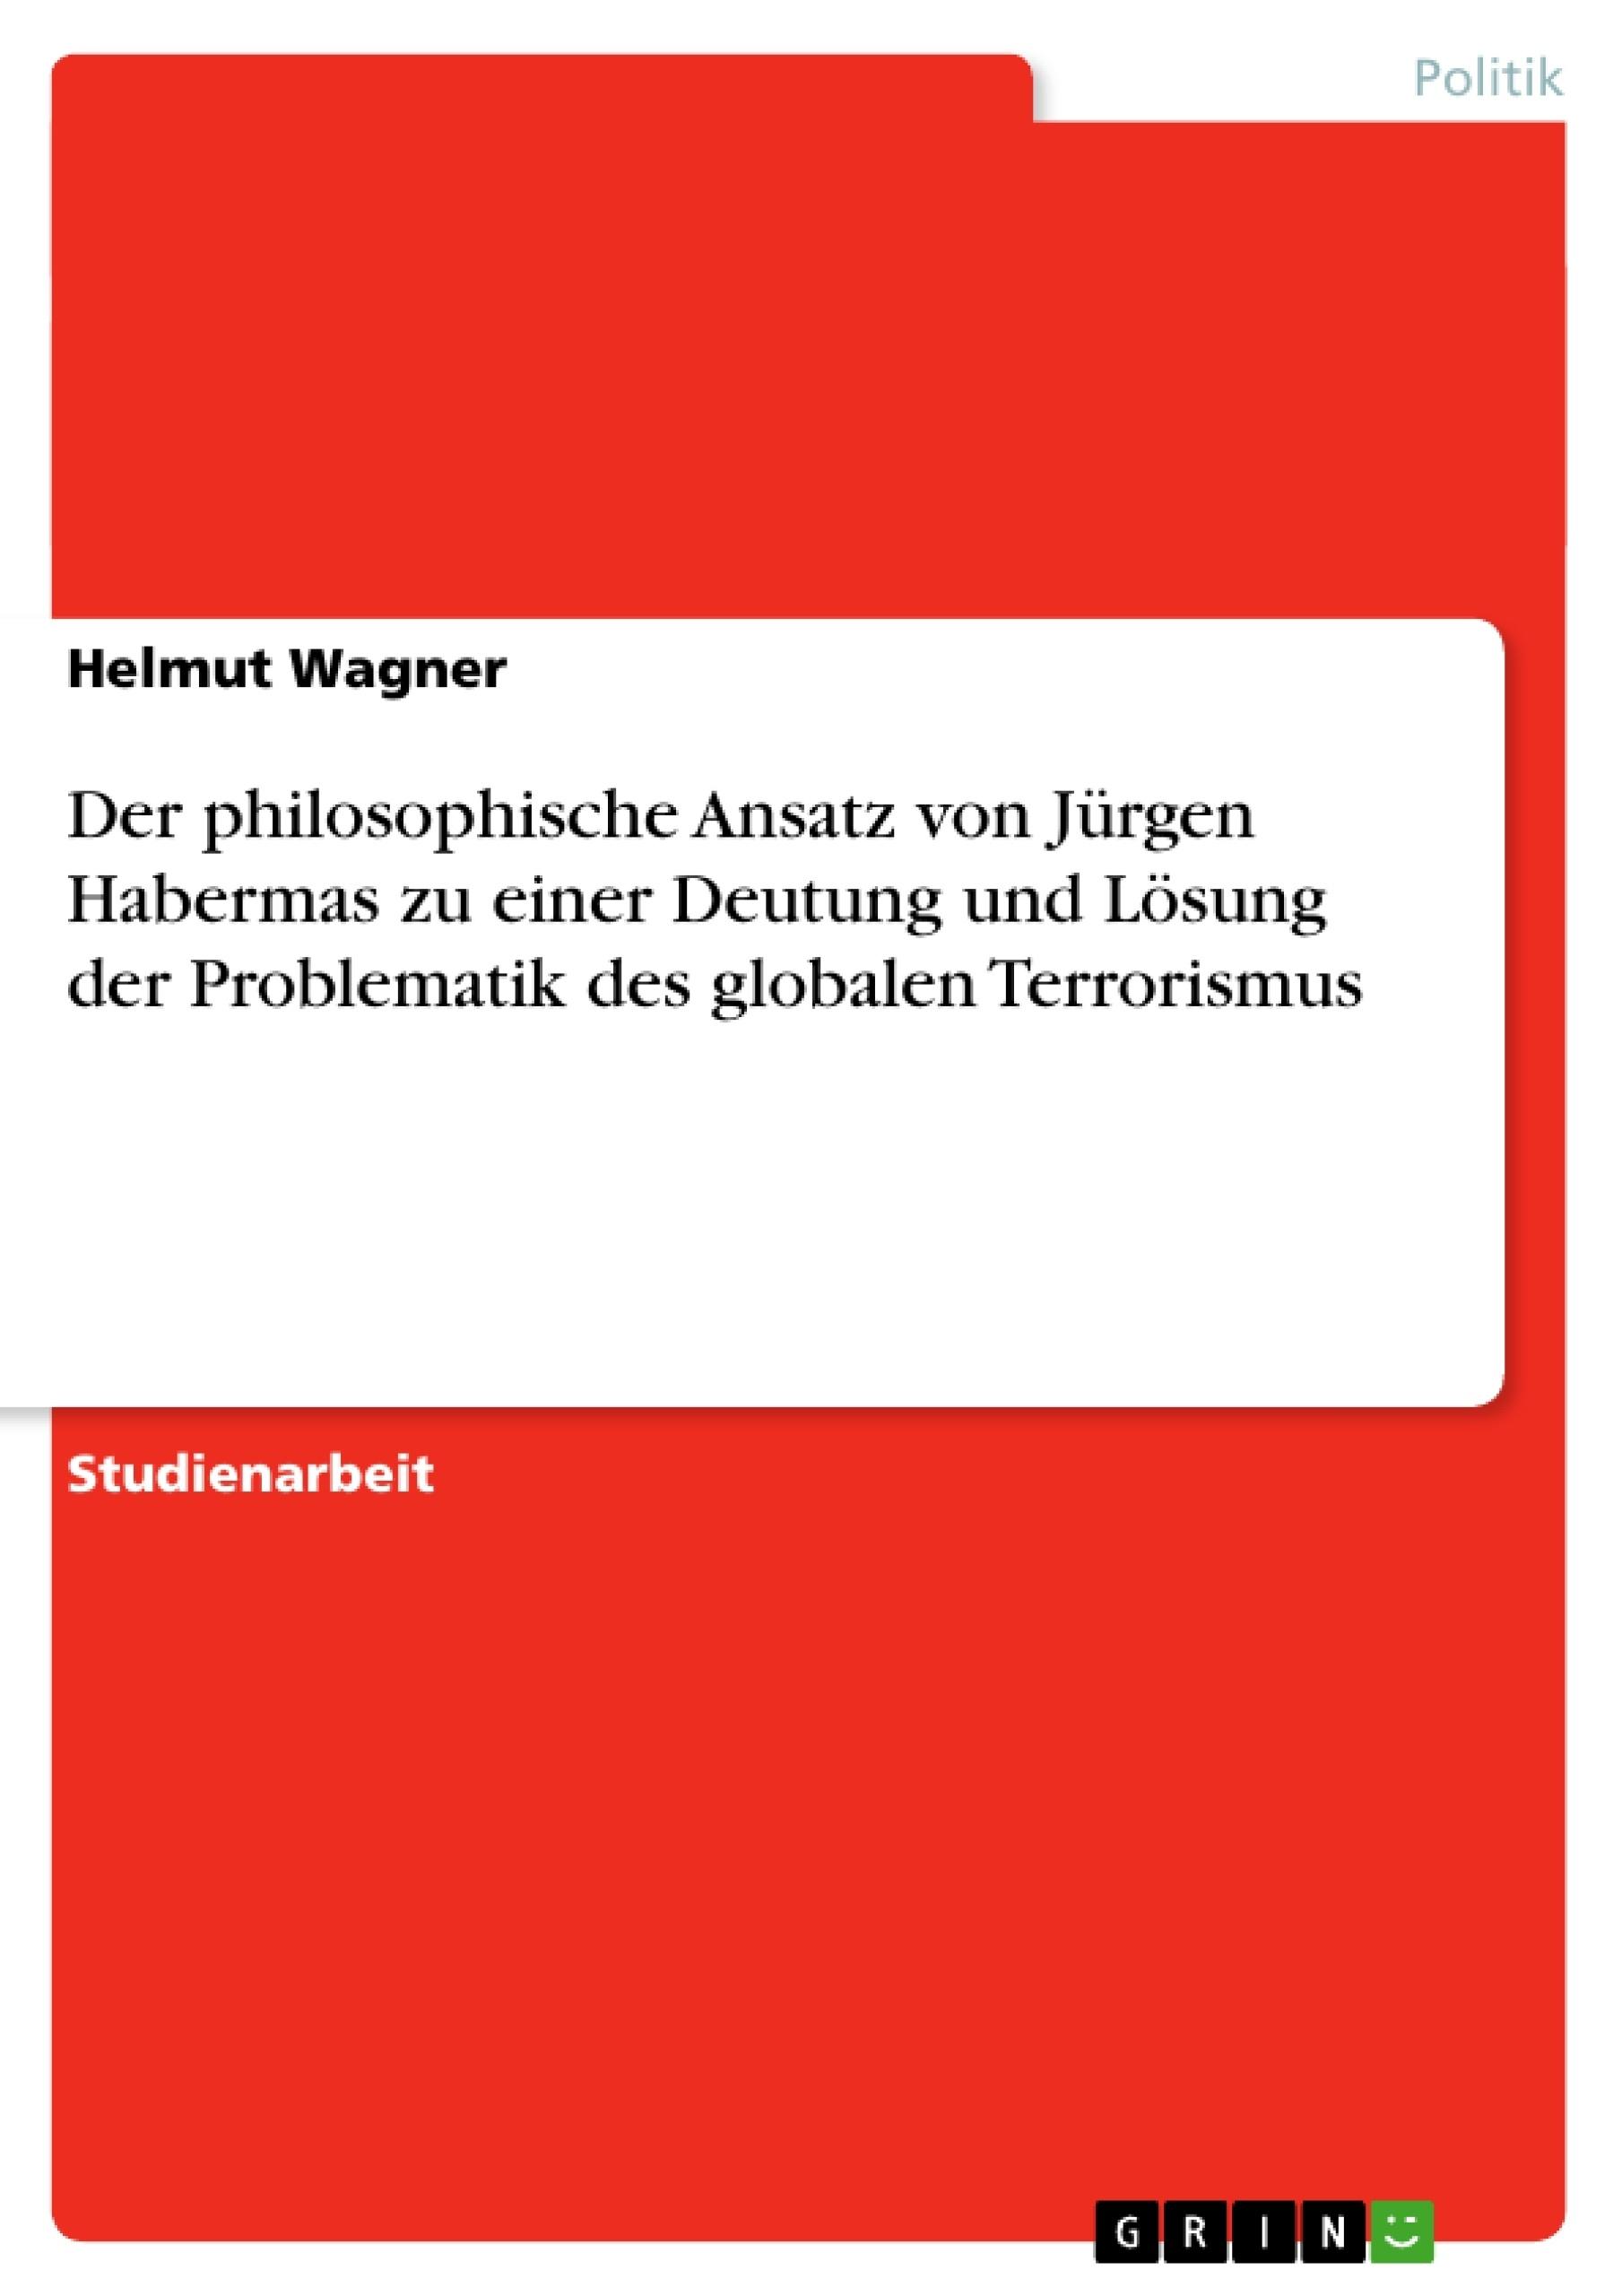 Titel: Der philosophische Ansatz von Jürgen Habermas zu einer Deutung und Lösung der Problematik des globalen Terrorismus